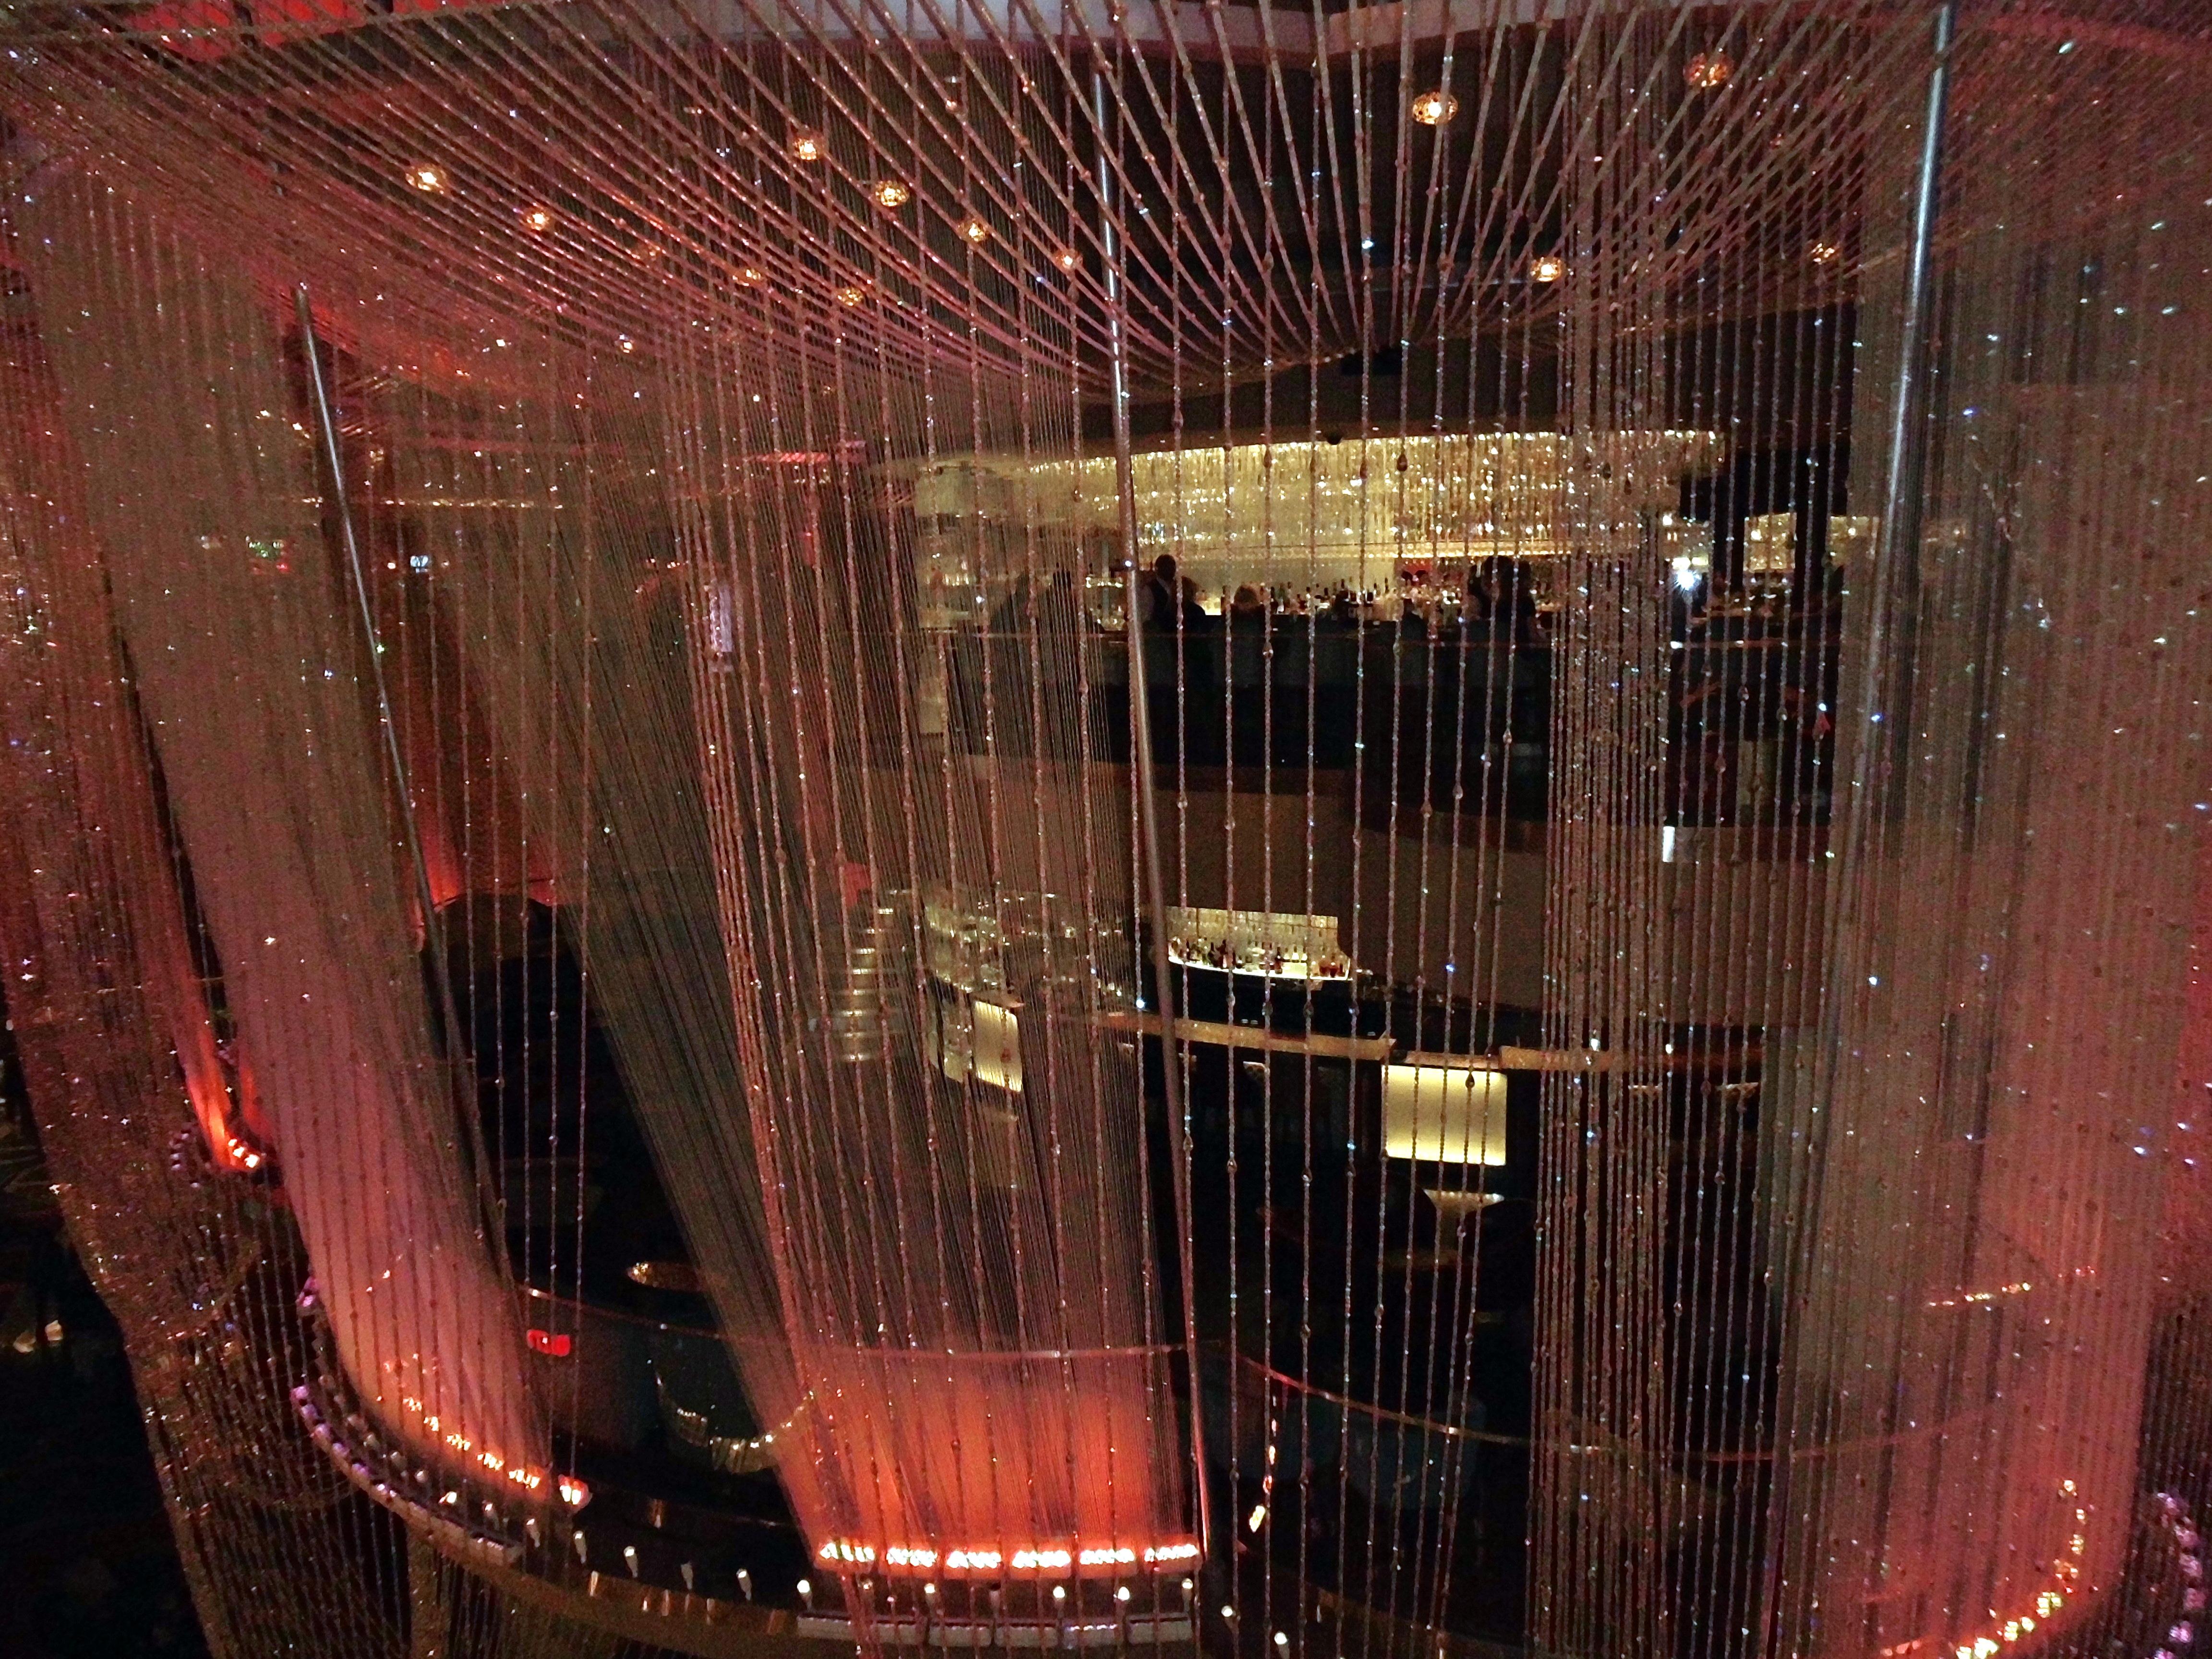 Chandelier Bar Las Vegas Instagram Page 8 fallcreekonline